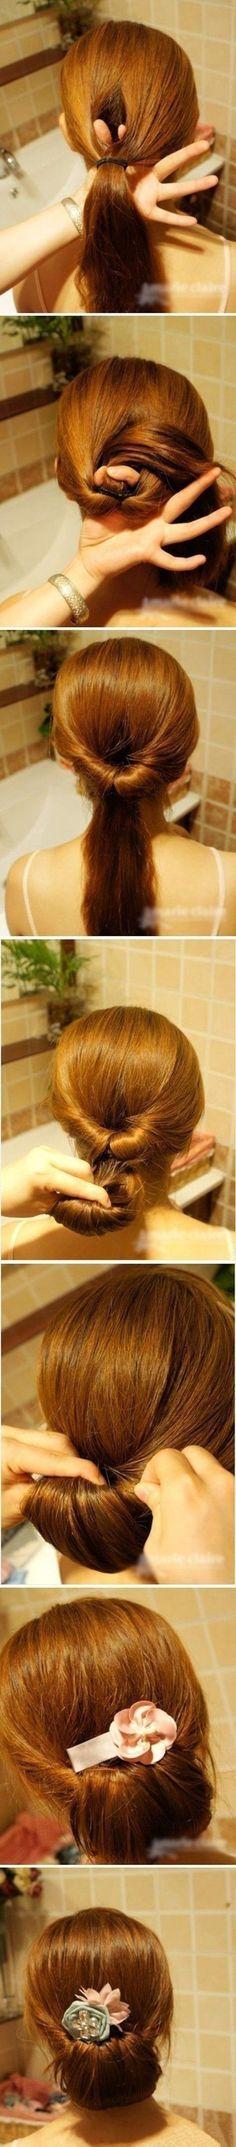 Easy-Hairstyles-For-School-3.jpg (600×5460)